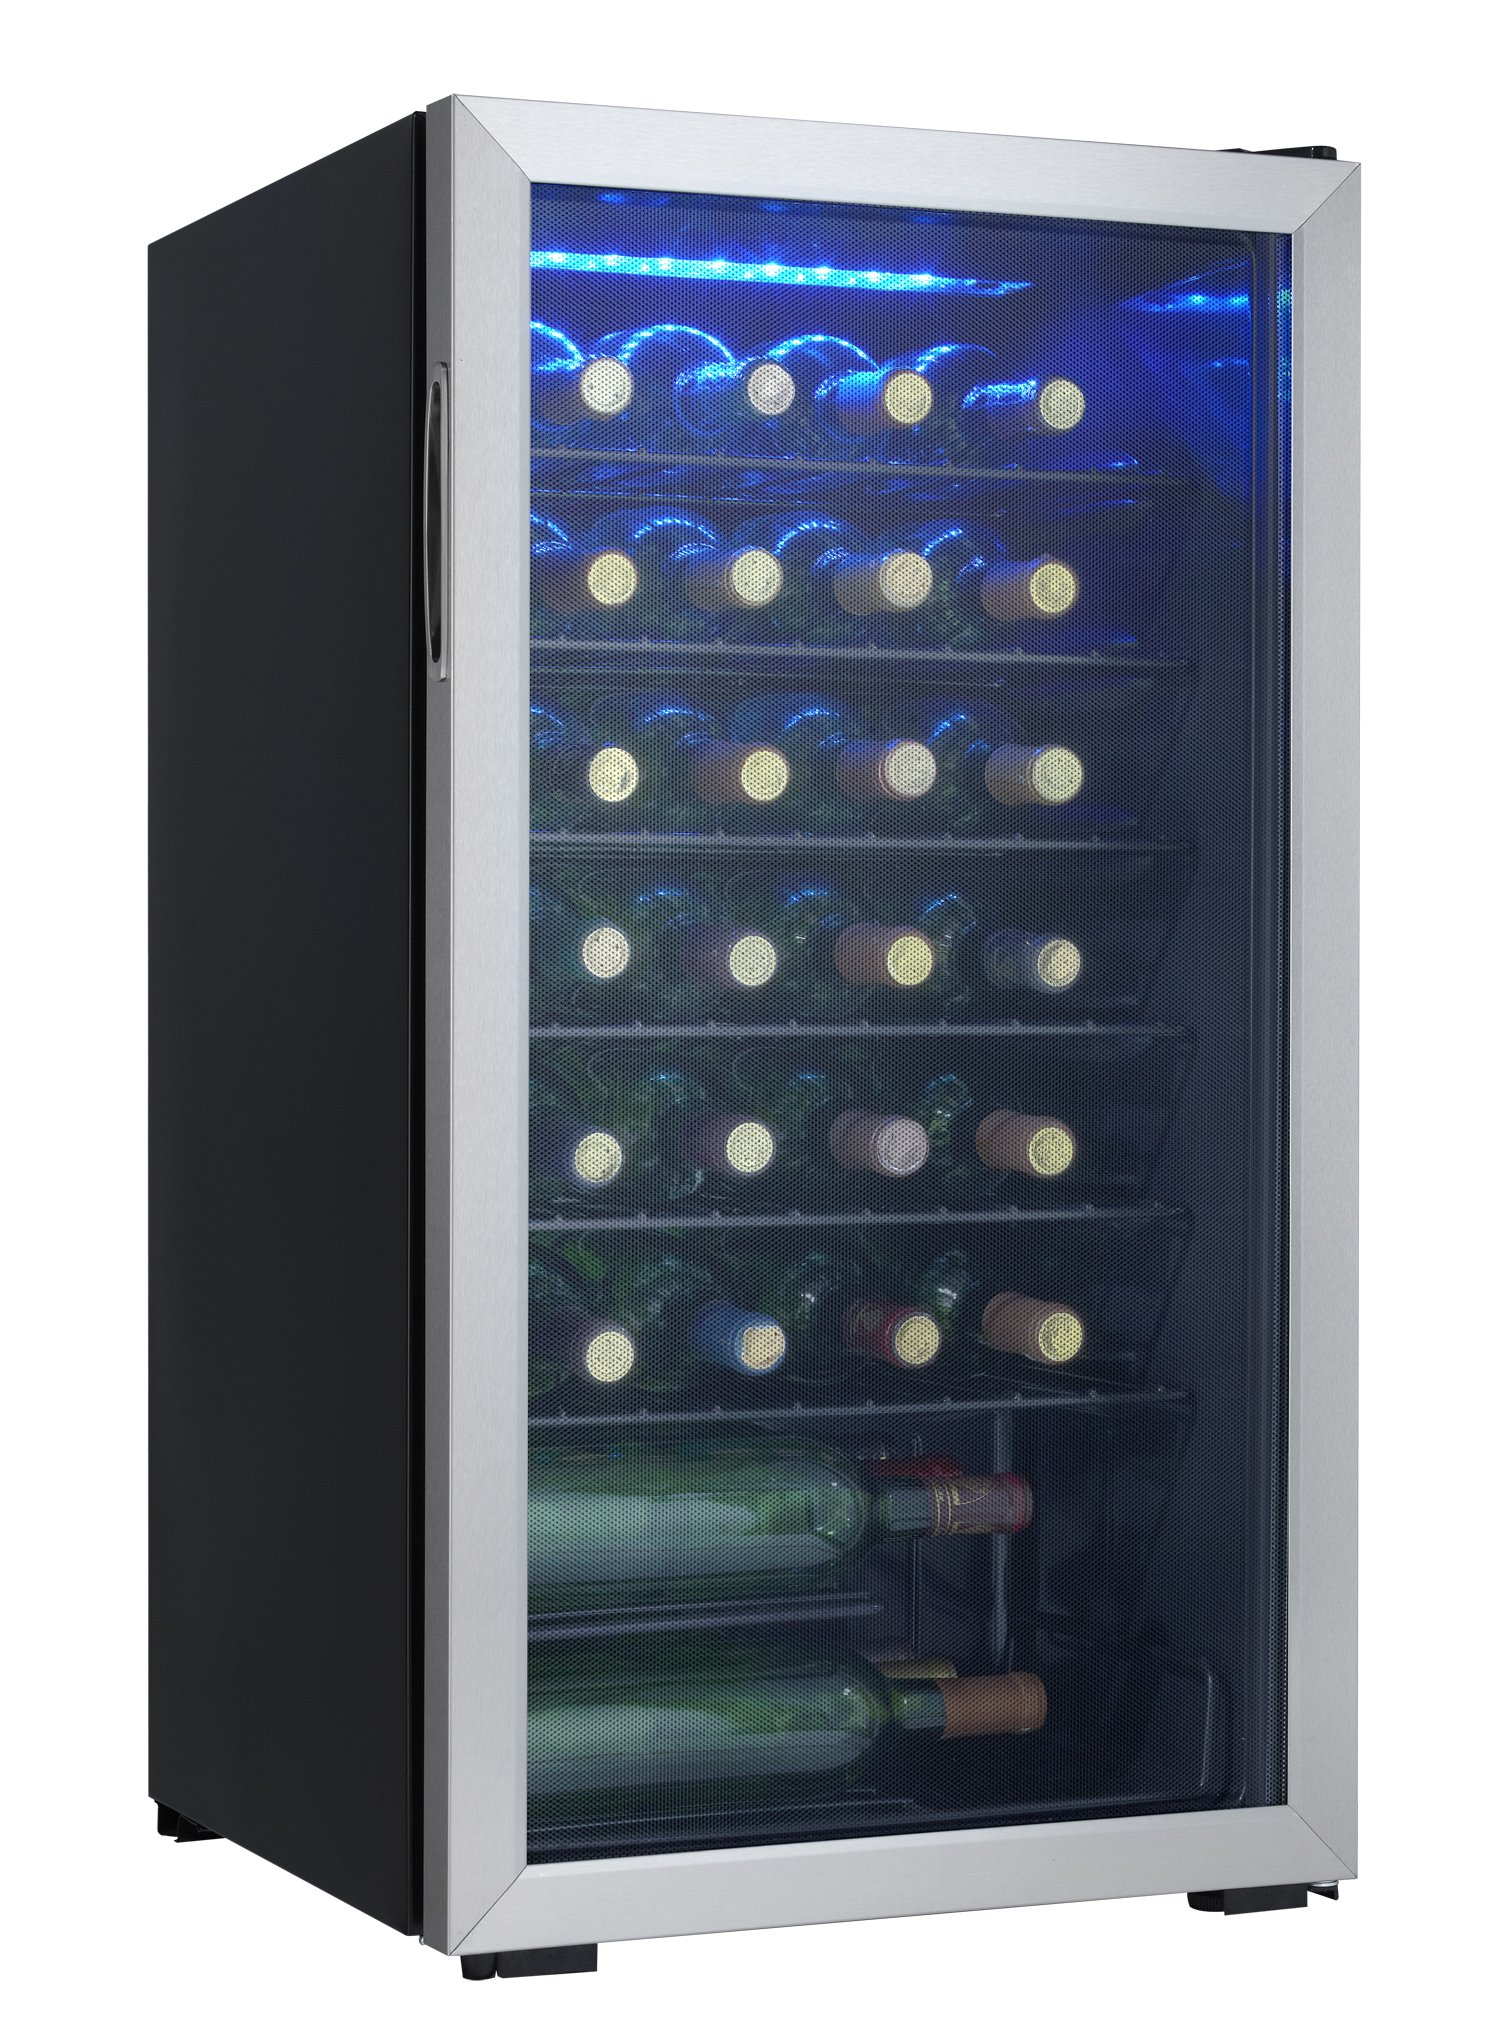 Danby 36 Bottle Freestanding Wine Cooler by Danby